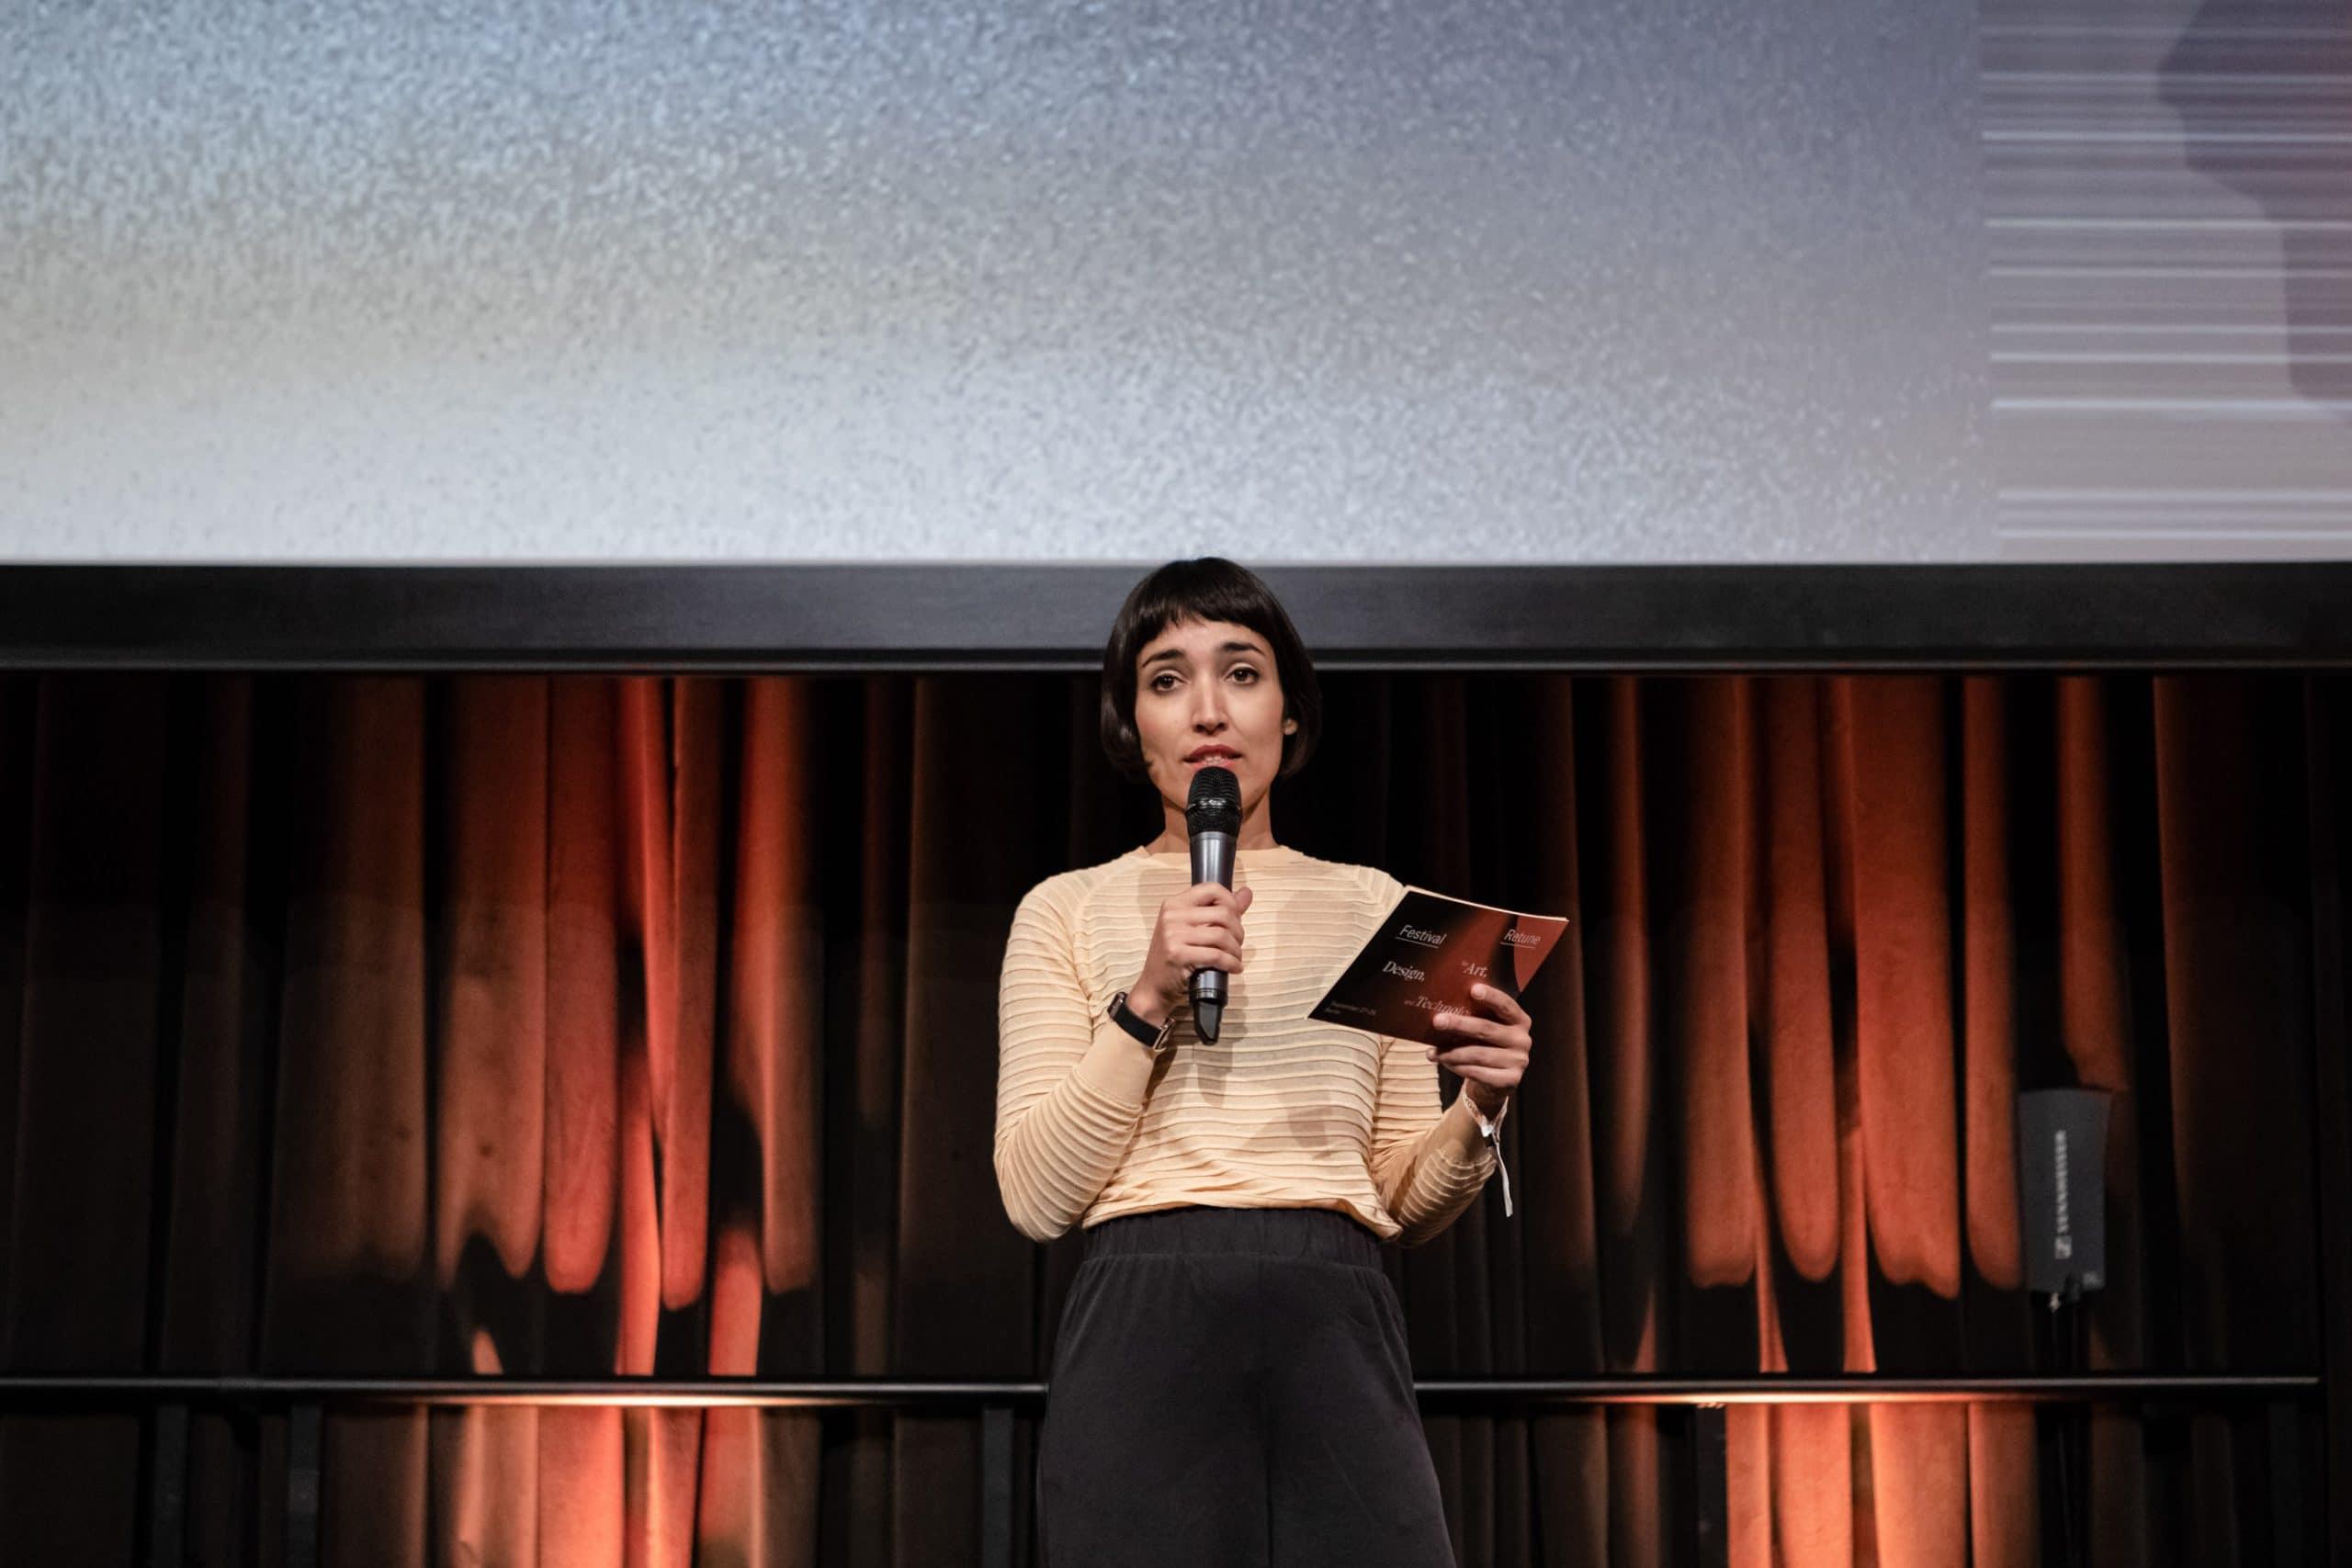 Moderatorin Fernanda Parente auf der Bühne beim Retune Festival 2018